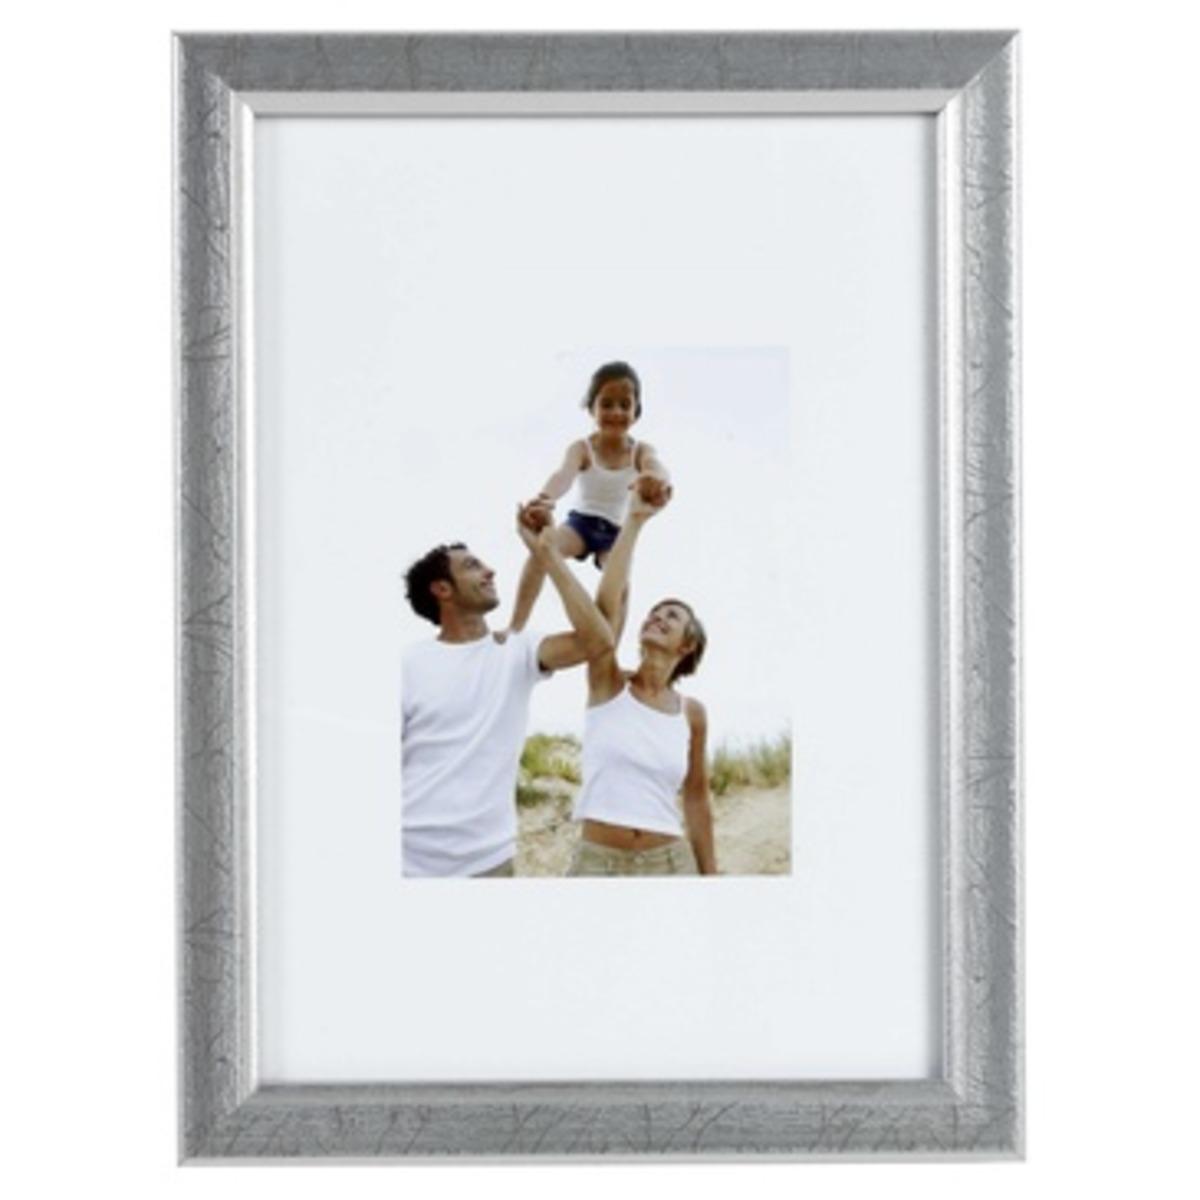 Cadre Photo Collection Banco 20 X 30 Cm Couleur Gris Cadre Photo 20x30 Cm La Foir Fouille